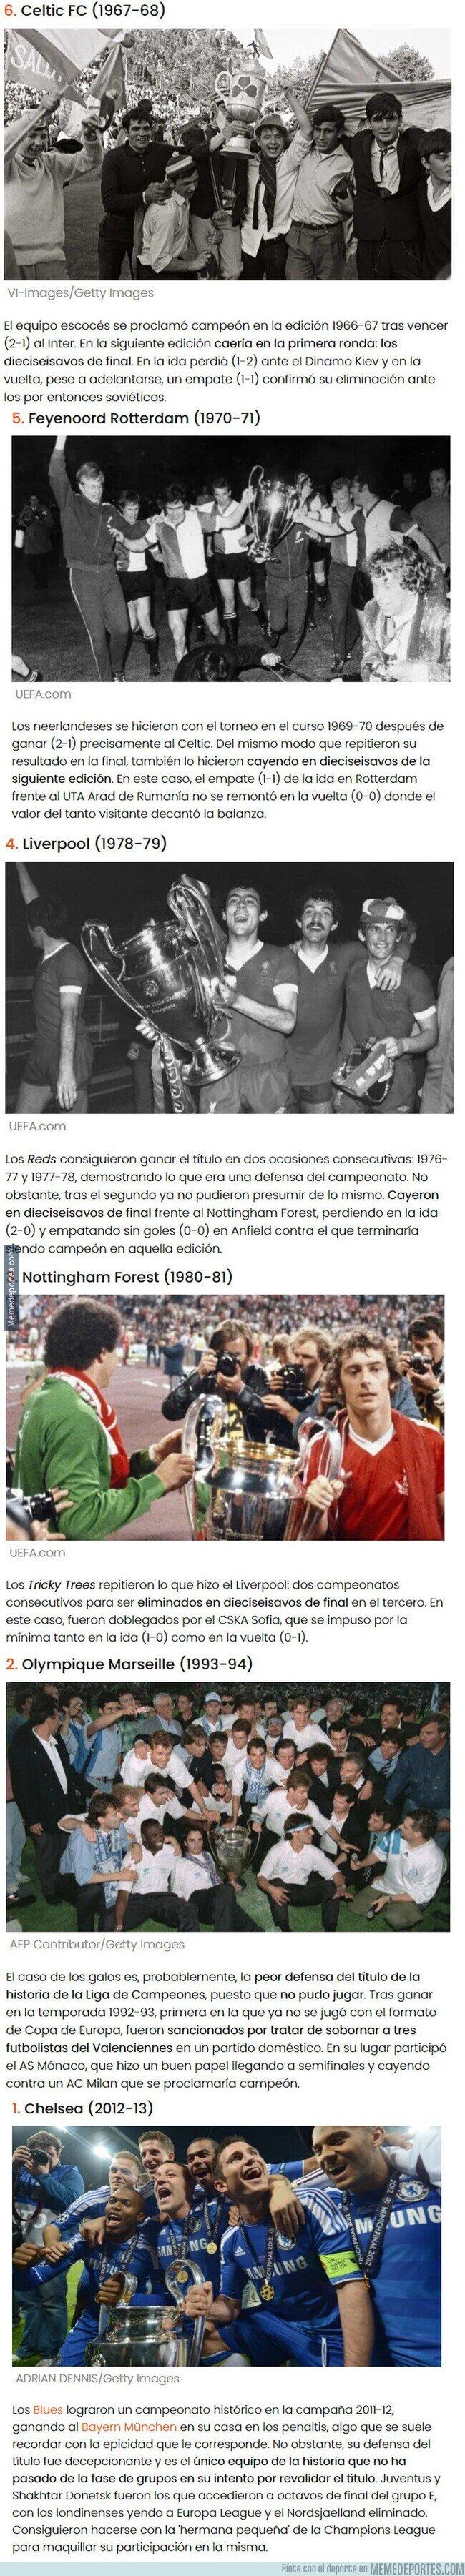 1110929 - Los equipos campeones de Europa a los que peor les fue defendiendo su título